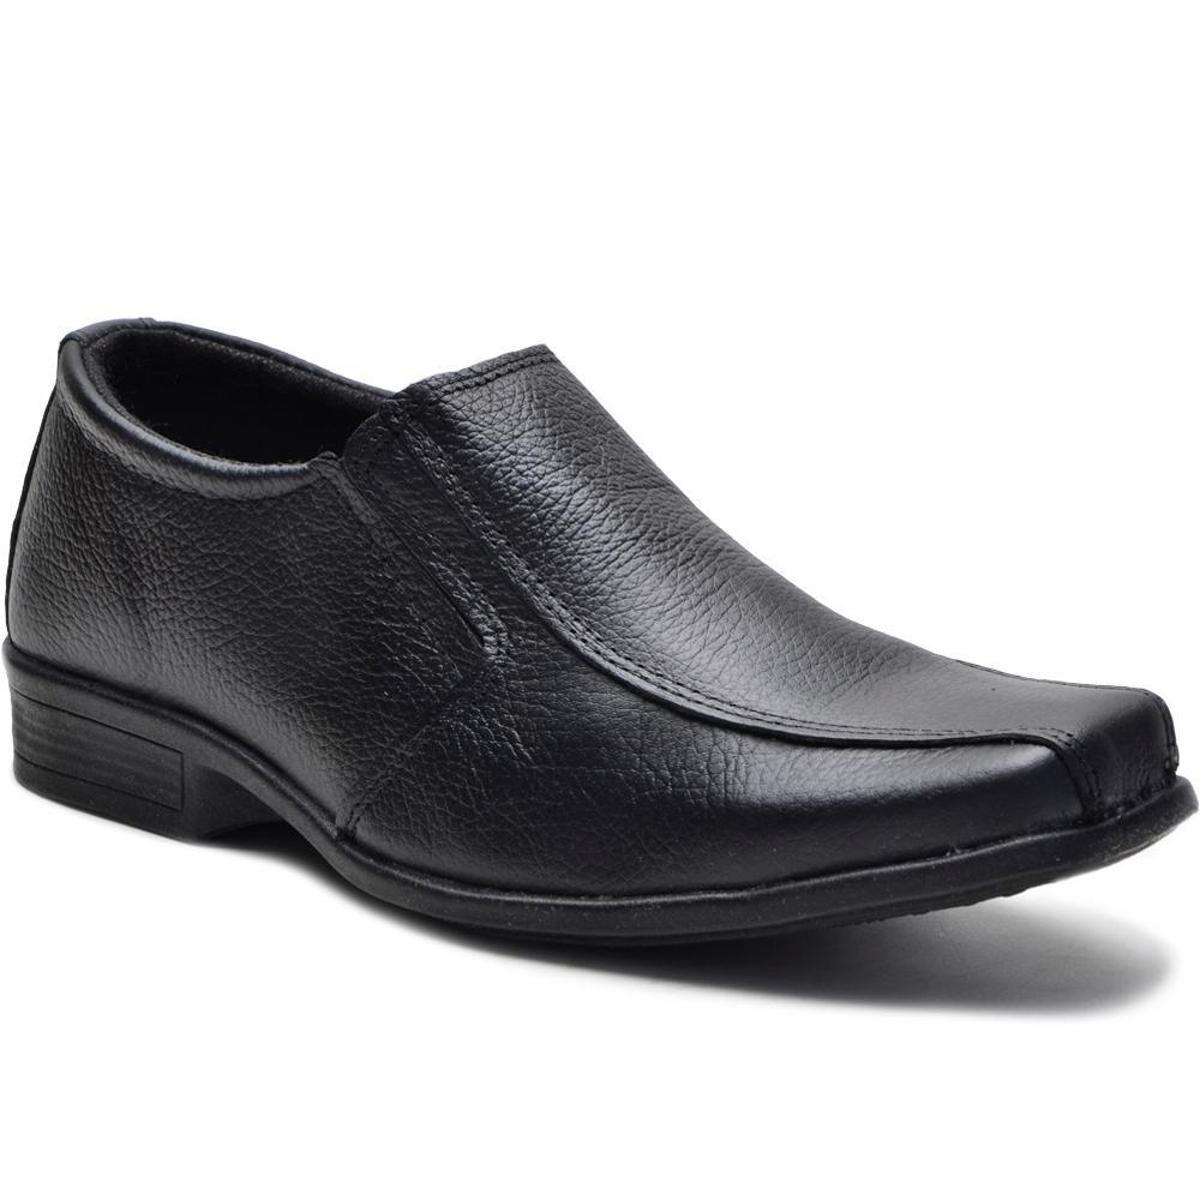 Preto Couro Shoes Sapato Sapato Conforto Masculino Fox Conforto nw6F7wpqSx